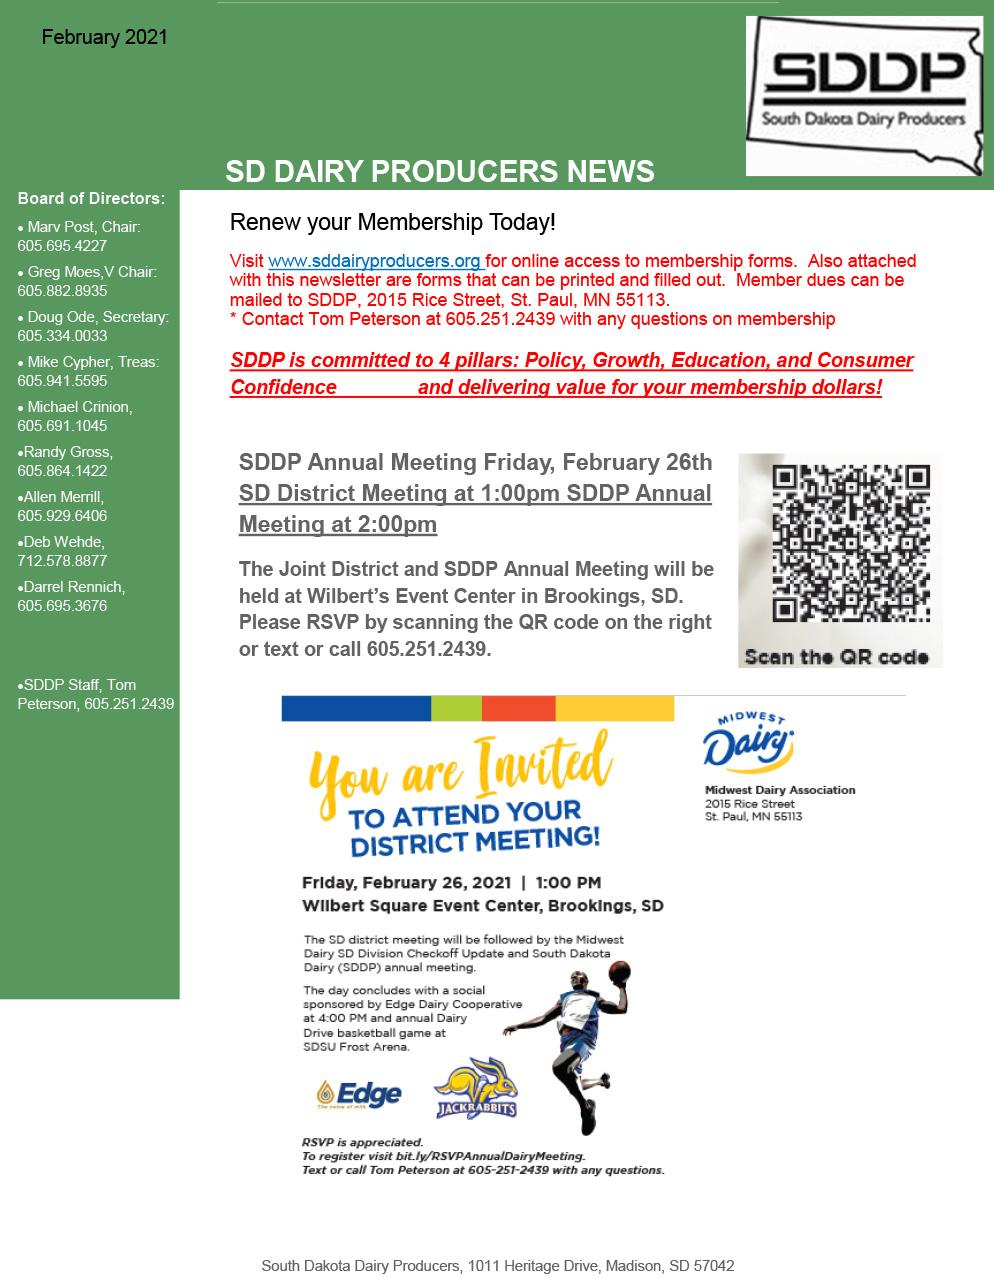 SDDP Member Newsletter February 12 2021